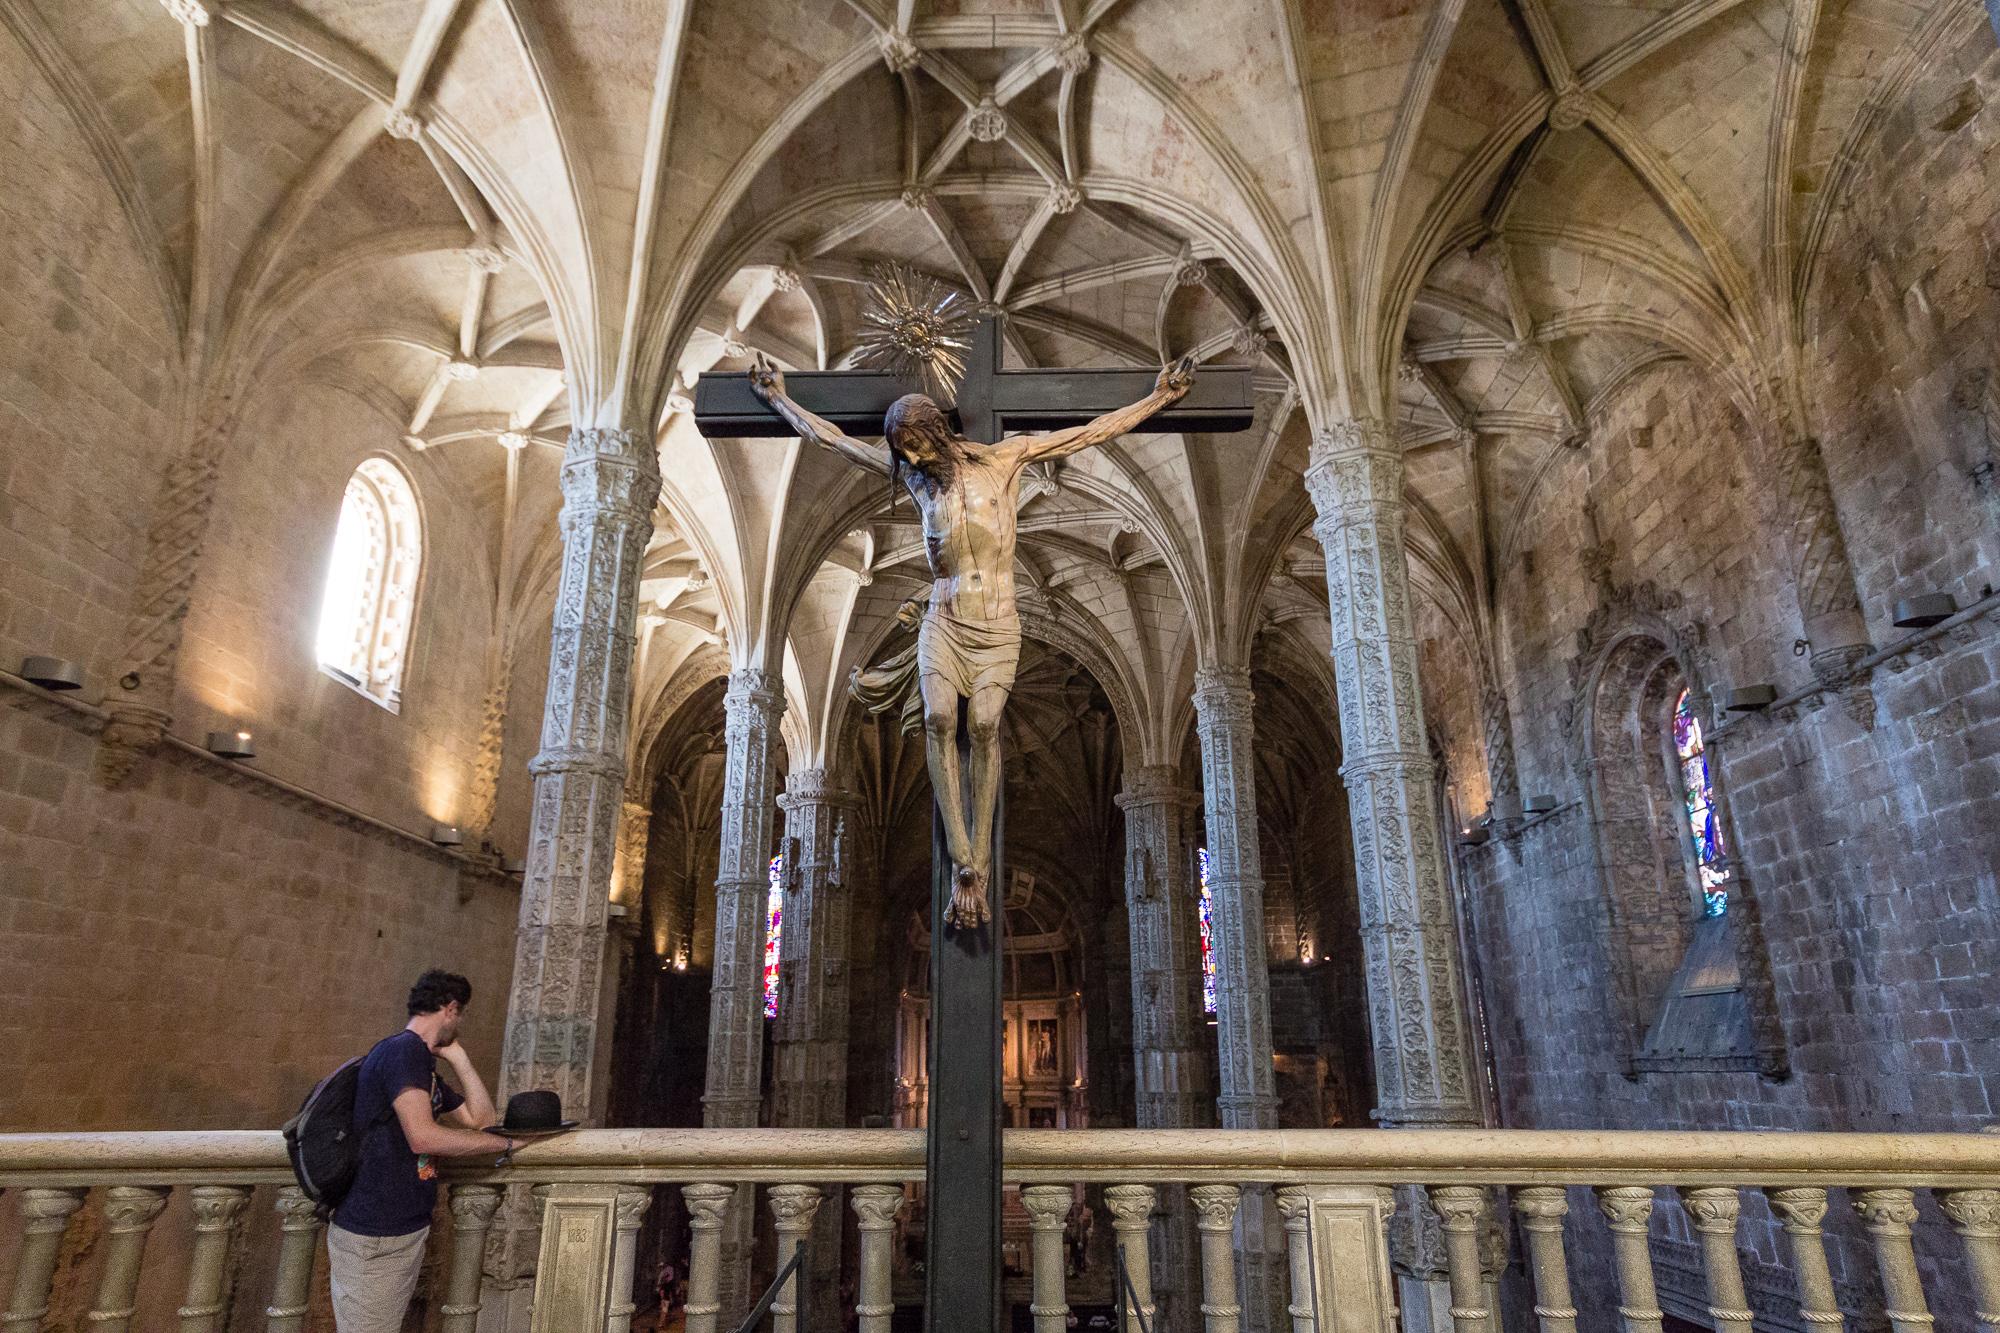 Jésus sur la croix dans l'Église Santa Maria, monastères des Hiéronymites, Belém, Lisbonne, Portugal